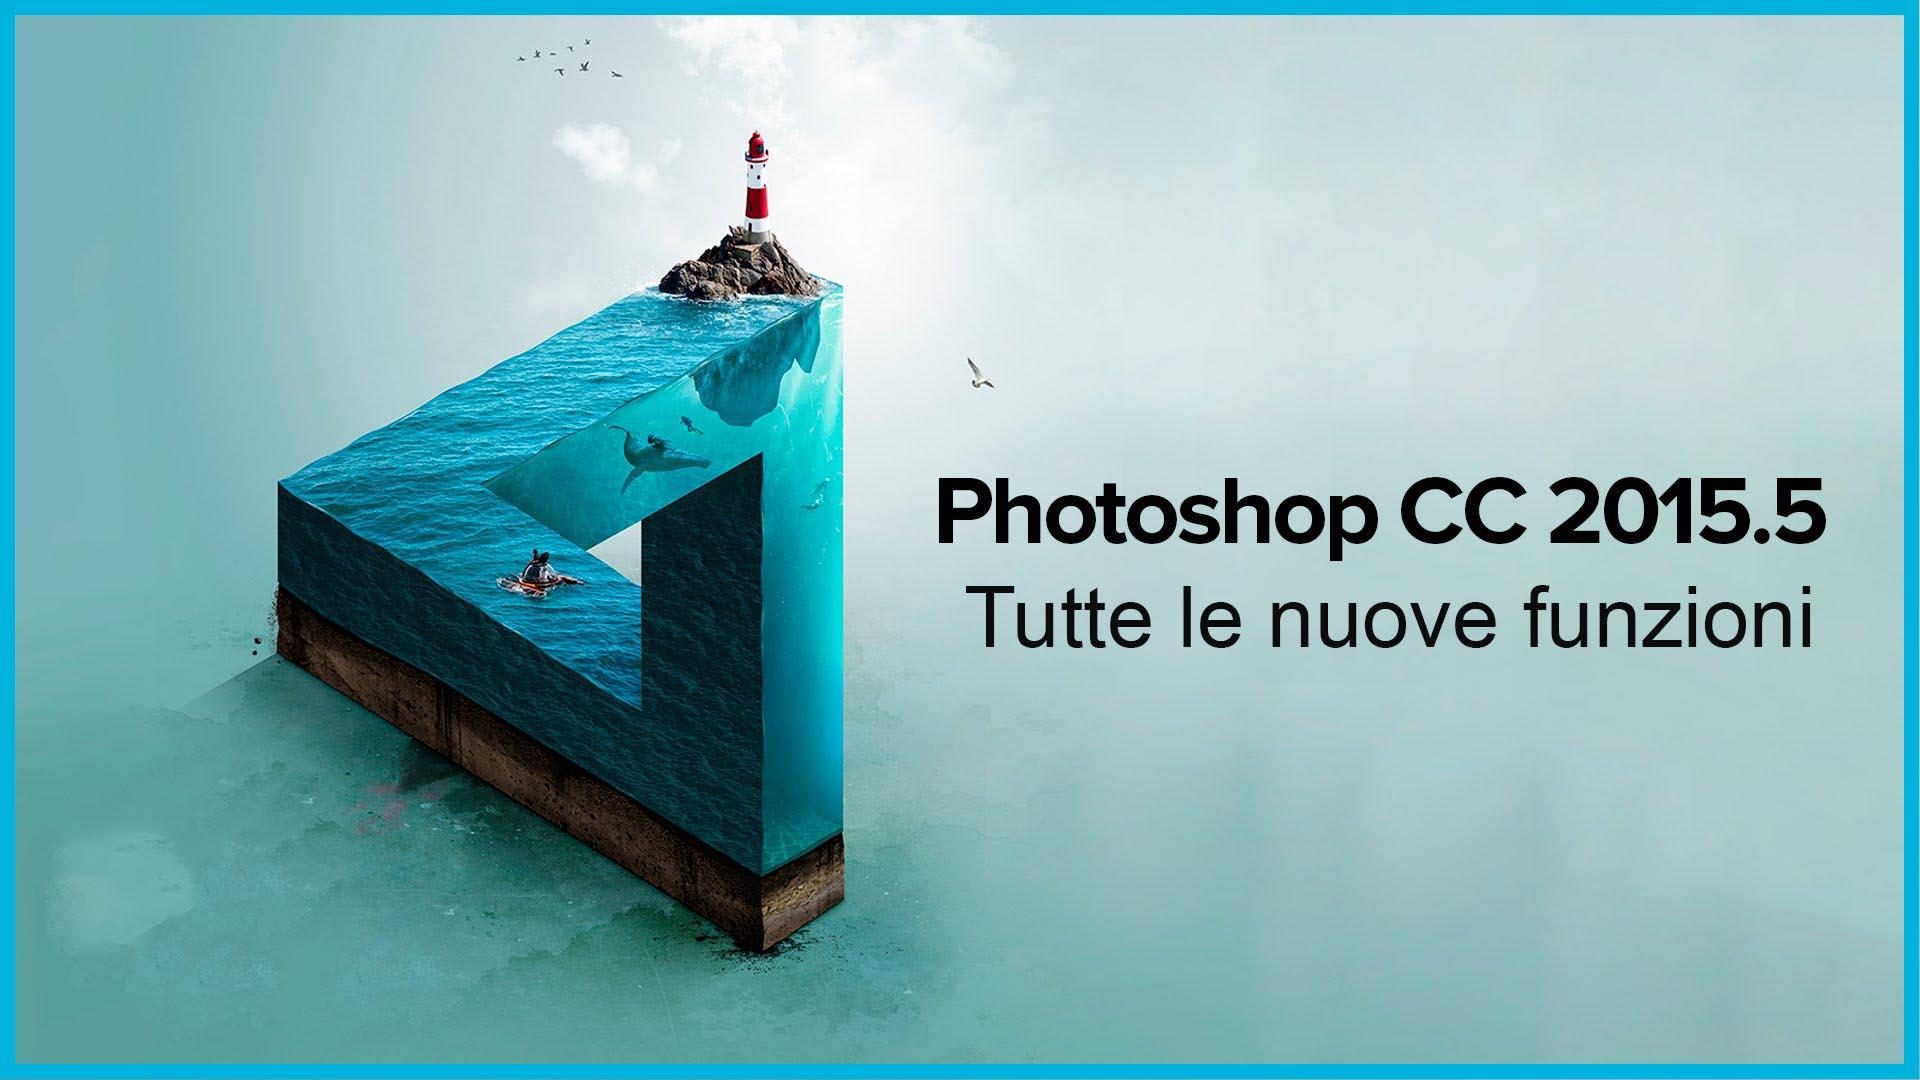 Photoshop cc, aggiornamento adobe, novità photoshop